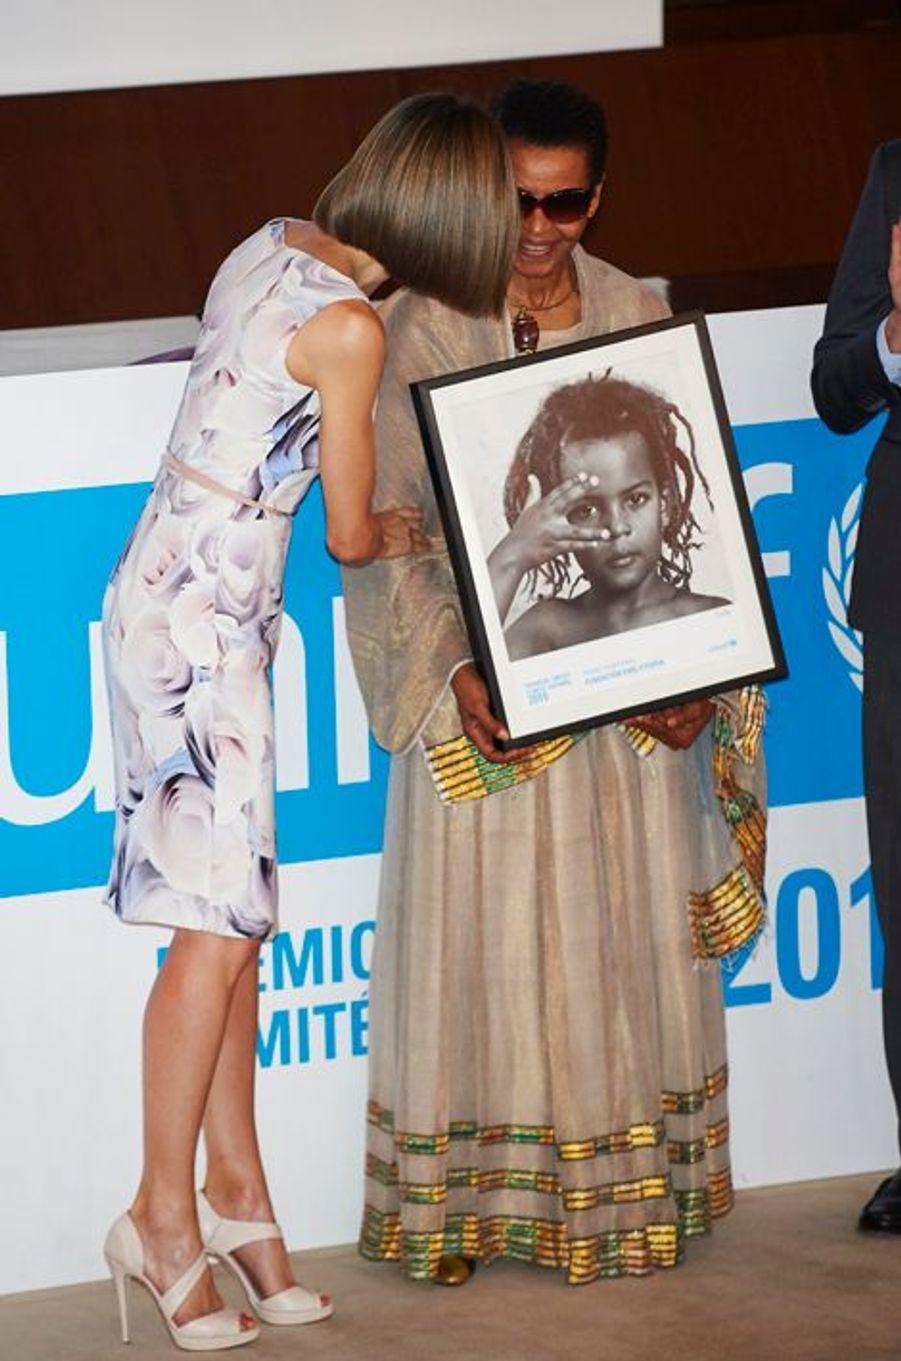 La reine Letizia d'Espagne remet les prix 2015 de l'Unicef à Madrid, le 23 juin 2015